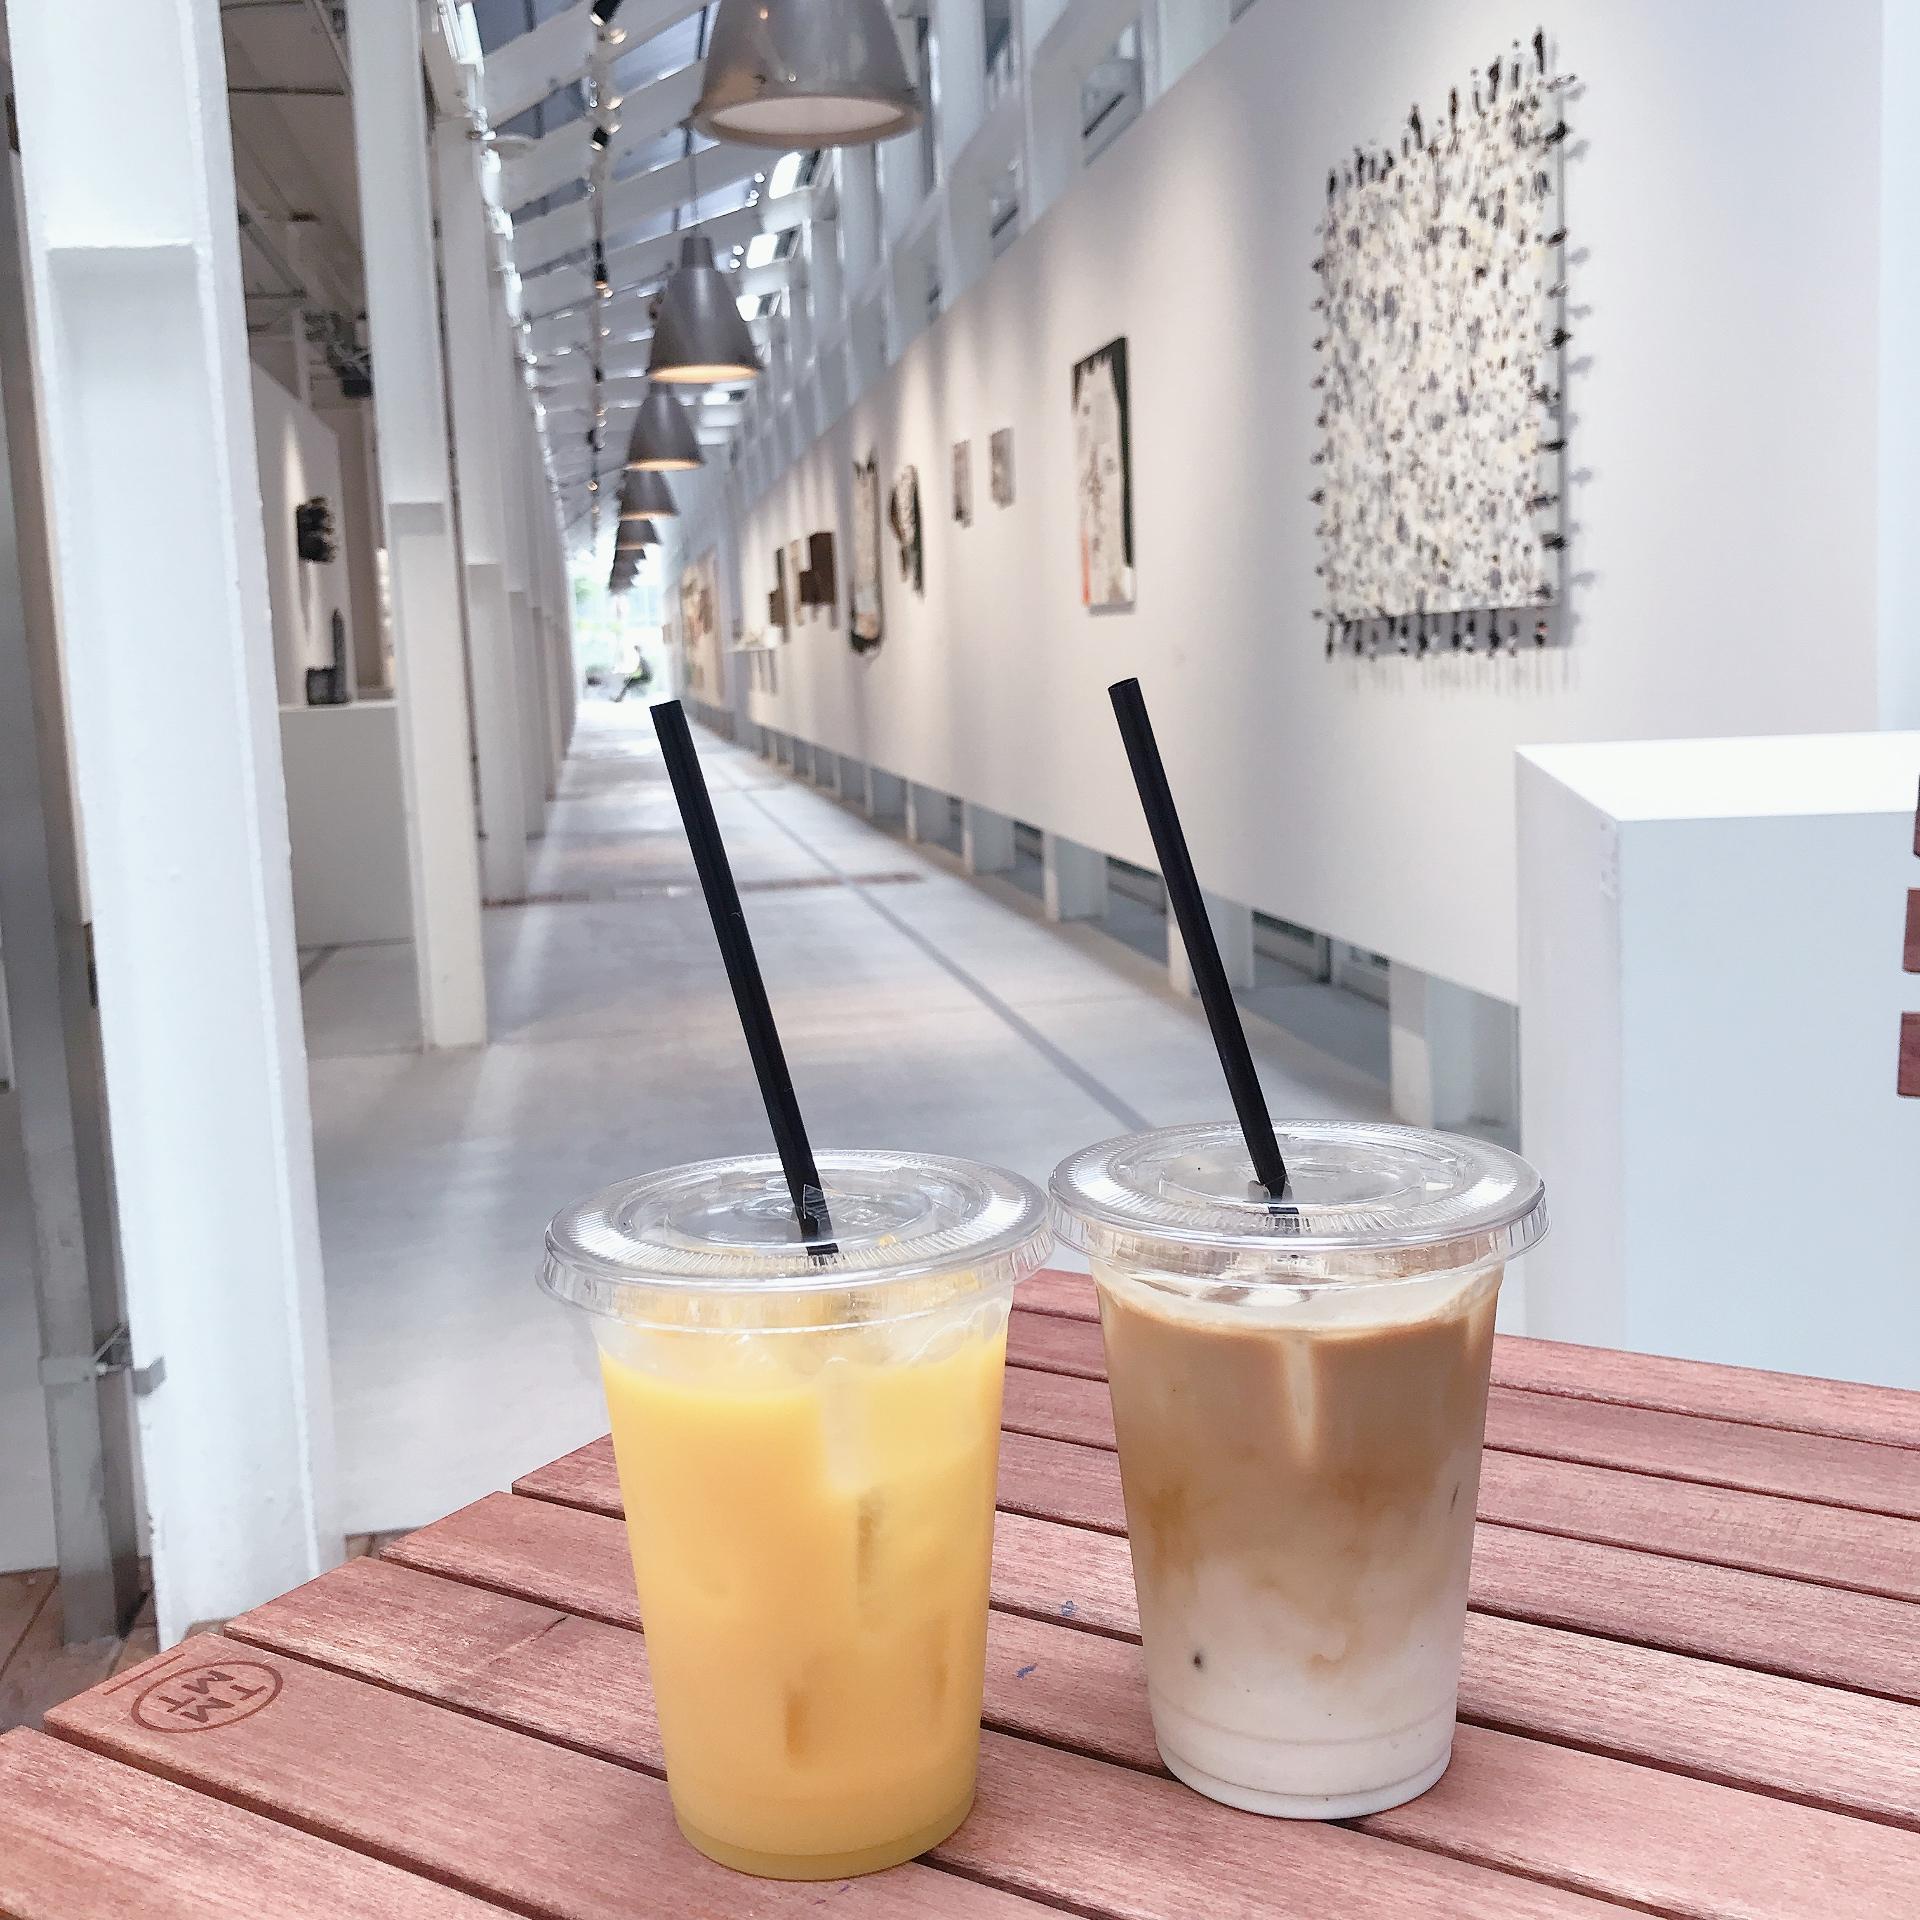 【天王洲のアートスポット WHAT CAFE】カフェとアートを一緒に楽しむ!_4